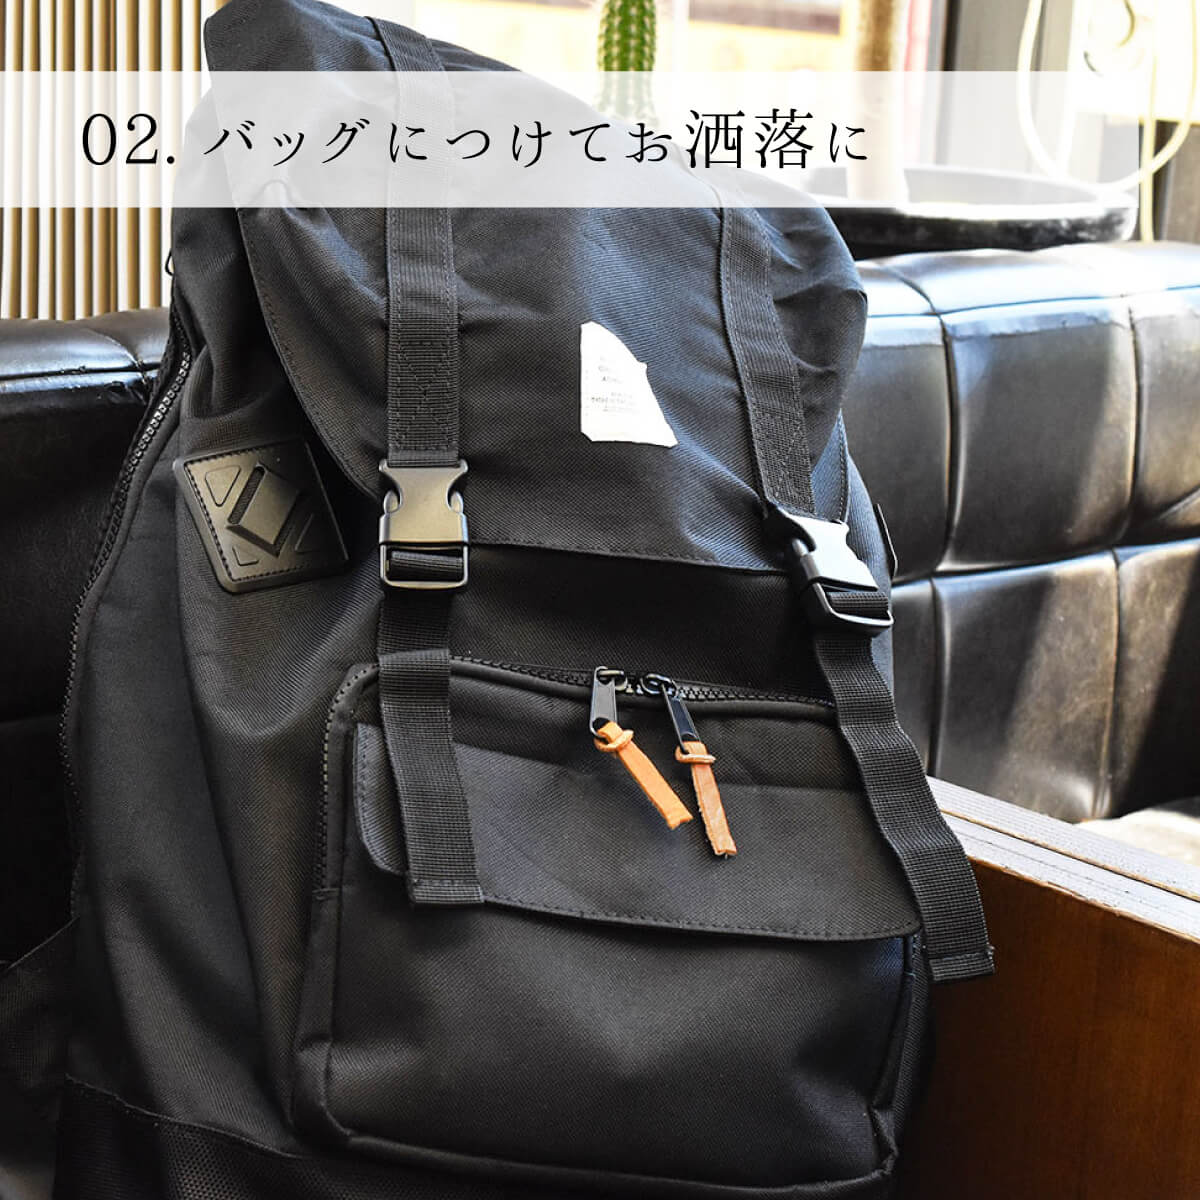 栃木レザー 持ち手 Mサイズ 2個セット ファスナーハンドル